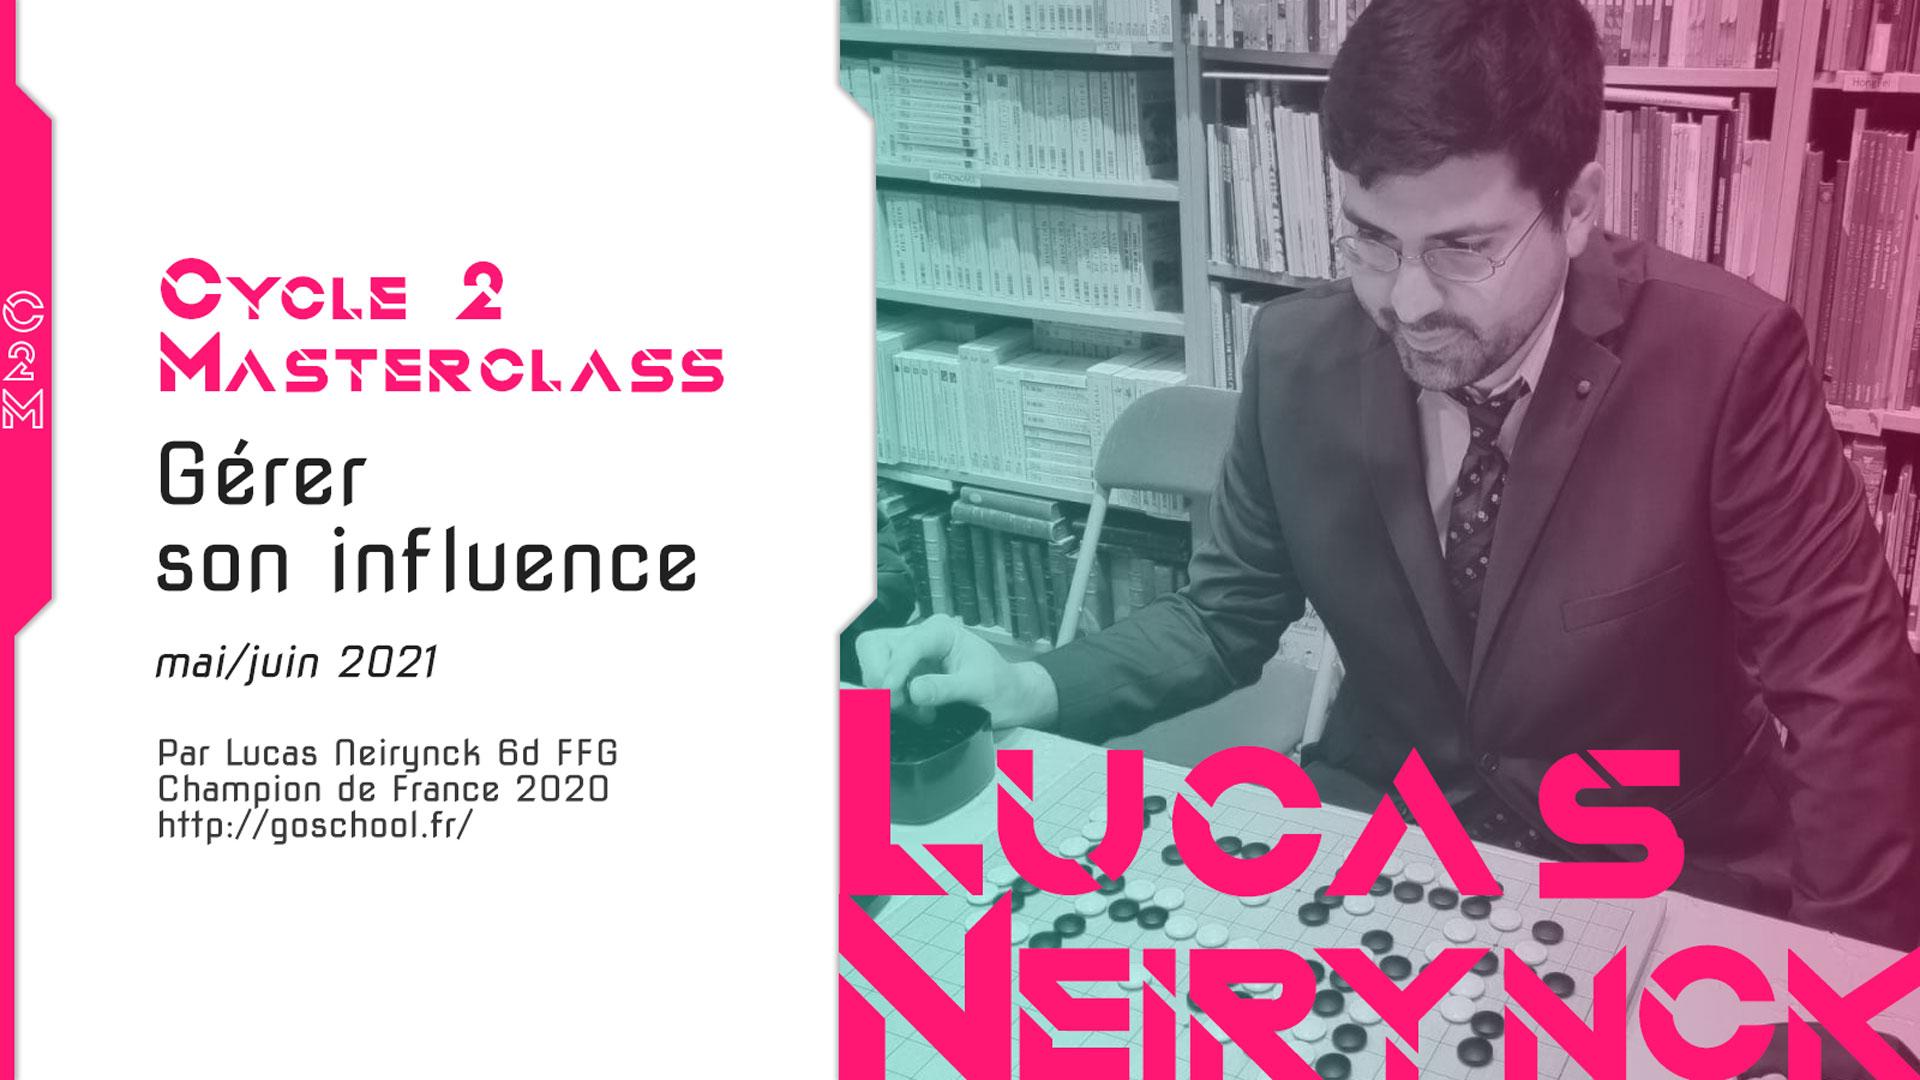 Lucas Neirynck, Masterclass, Jeu de go, Go game, Baduk